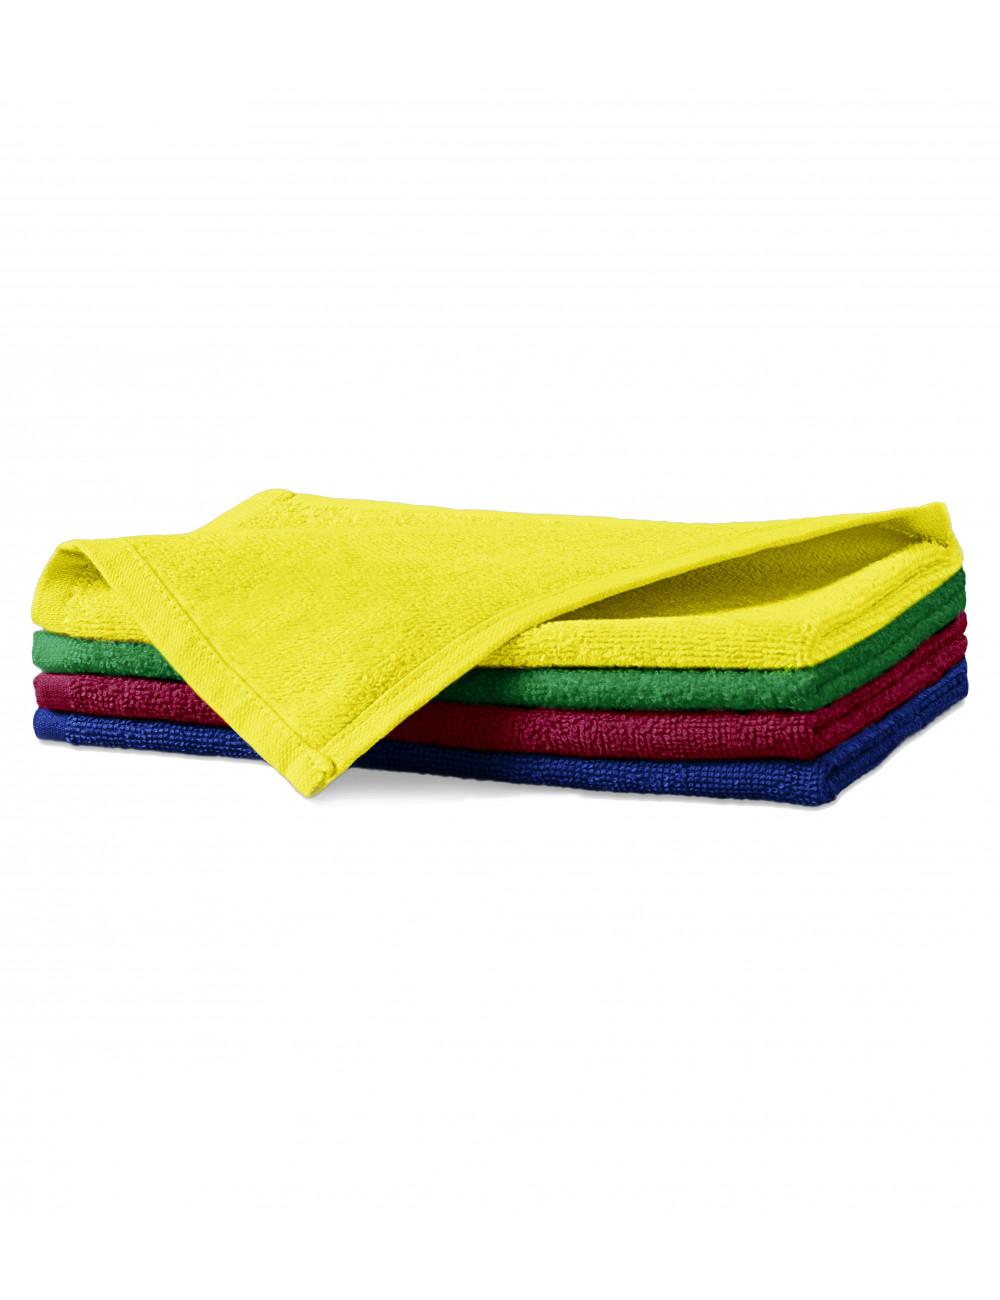 Adler MALFINI Ręcznik mały unisex Terry Hand Towel 907 marlboro czerwony